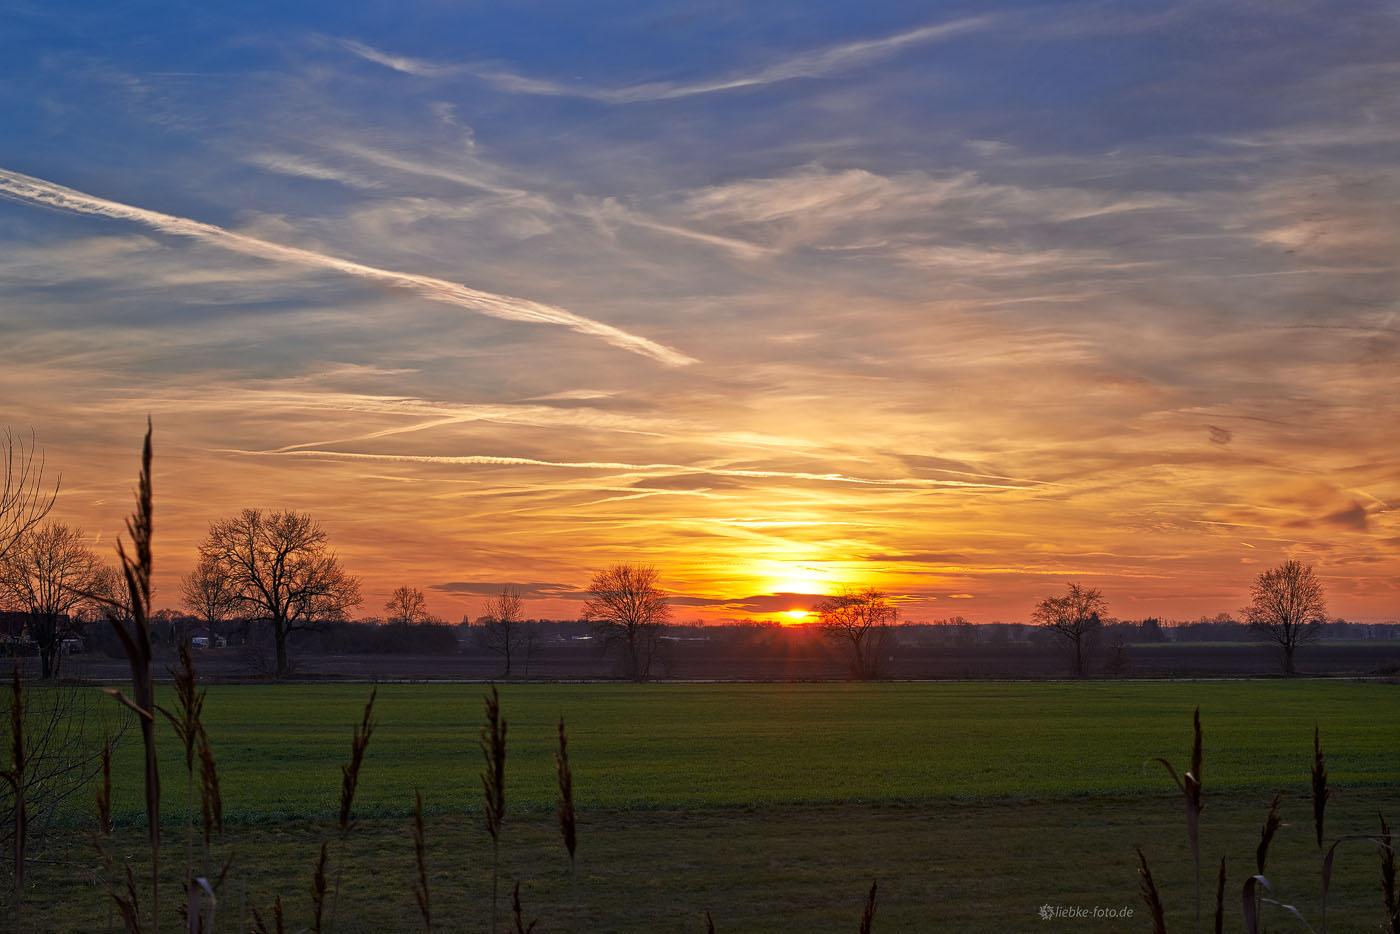 Sonnenuntergang in der Nähe von Tiergarten, Oranienburg